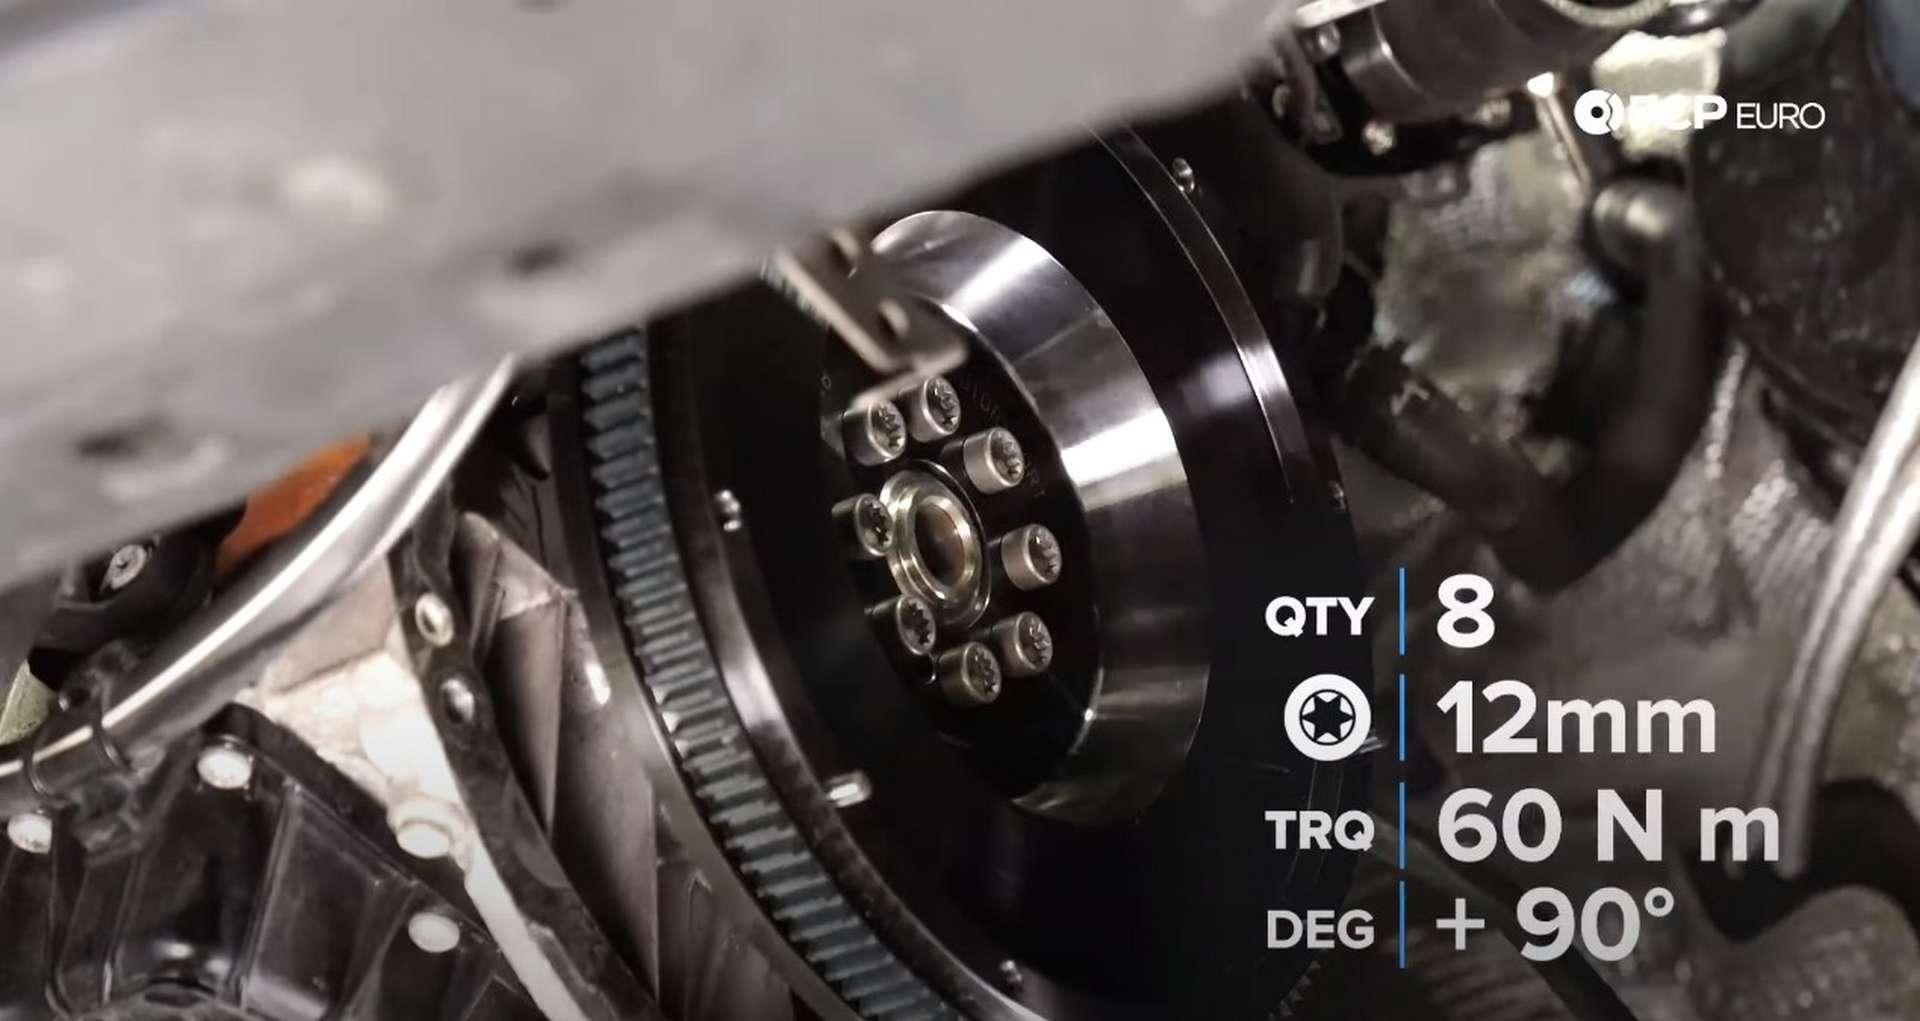 47-DIY_VW_GTI_Clutch-Job-Installing-Clutch